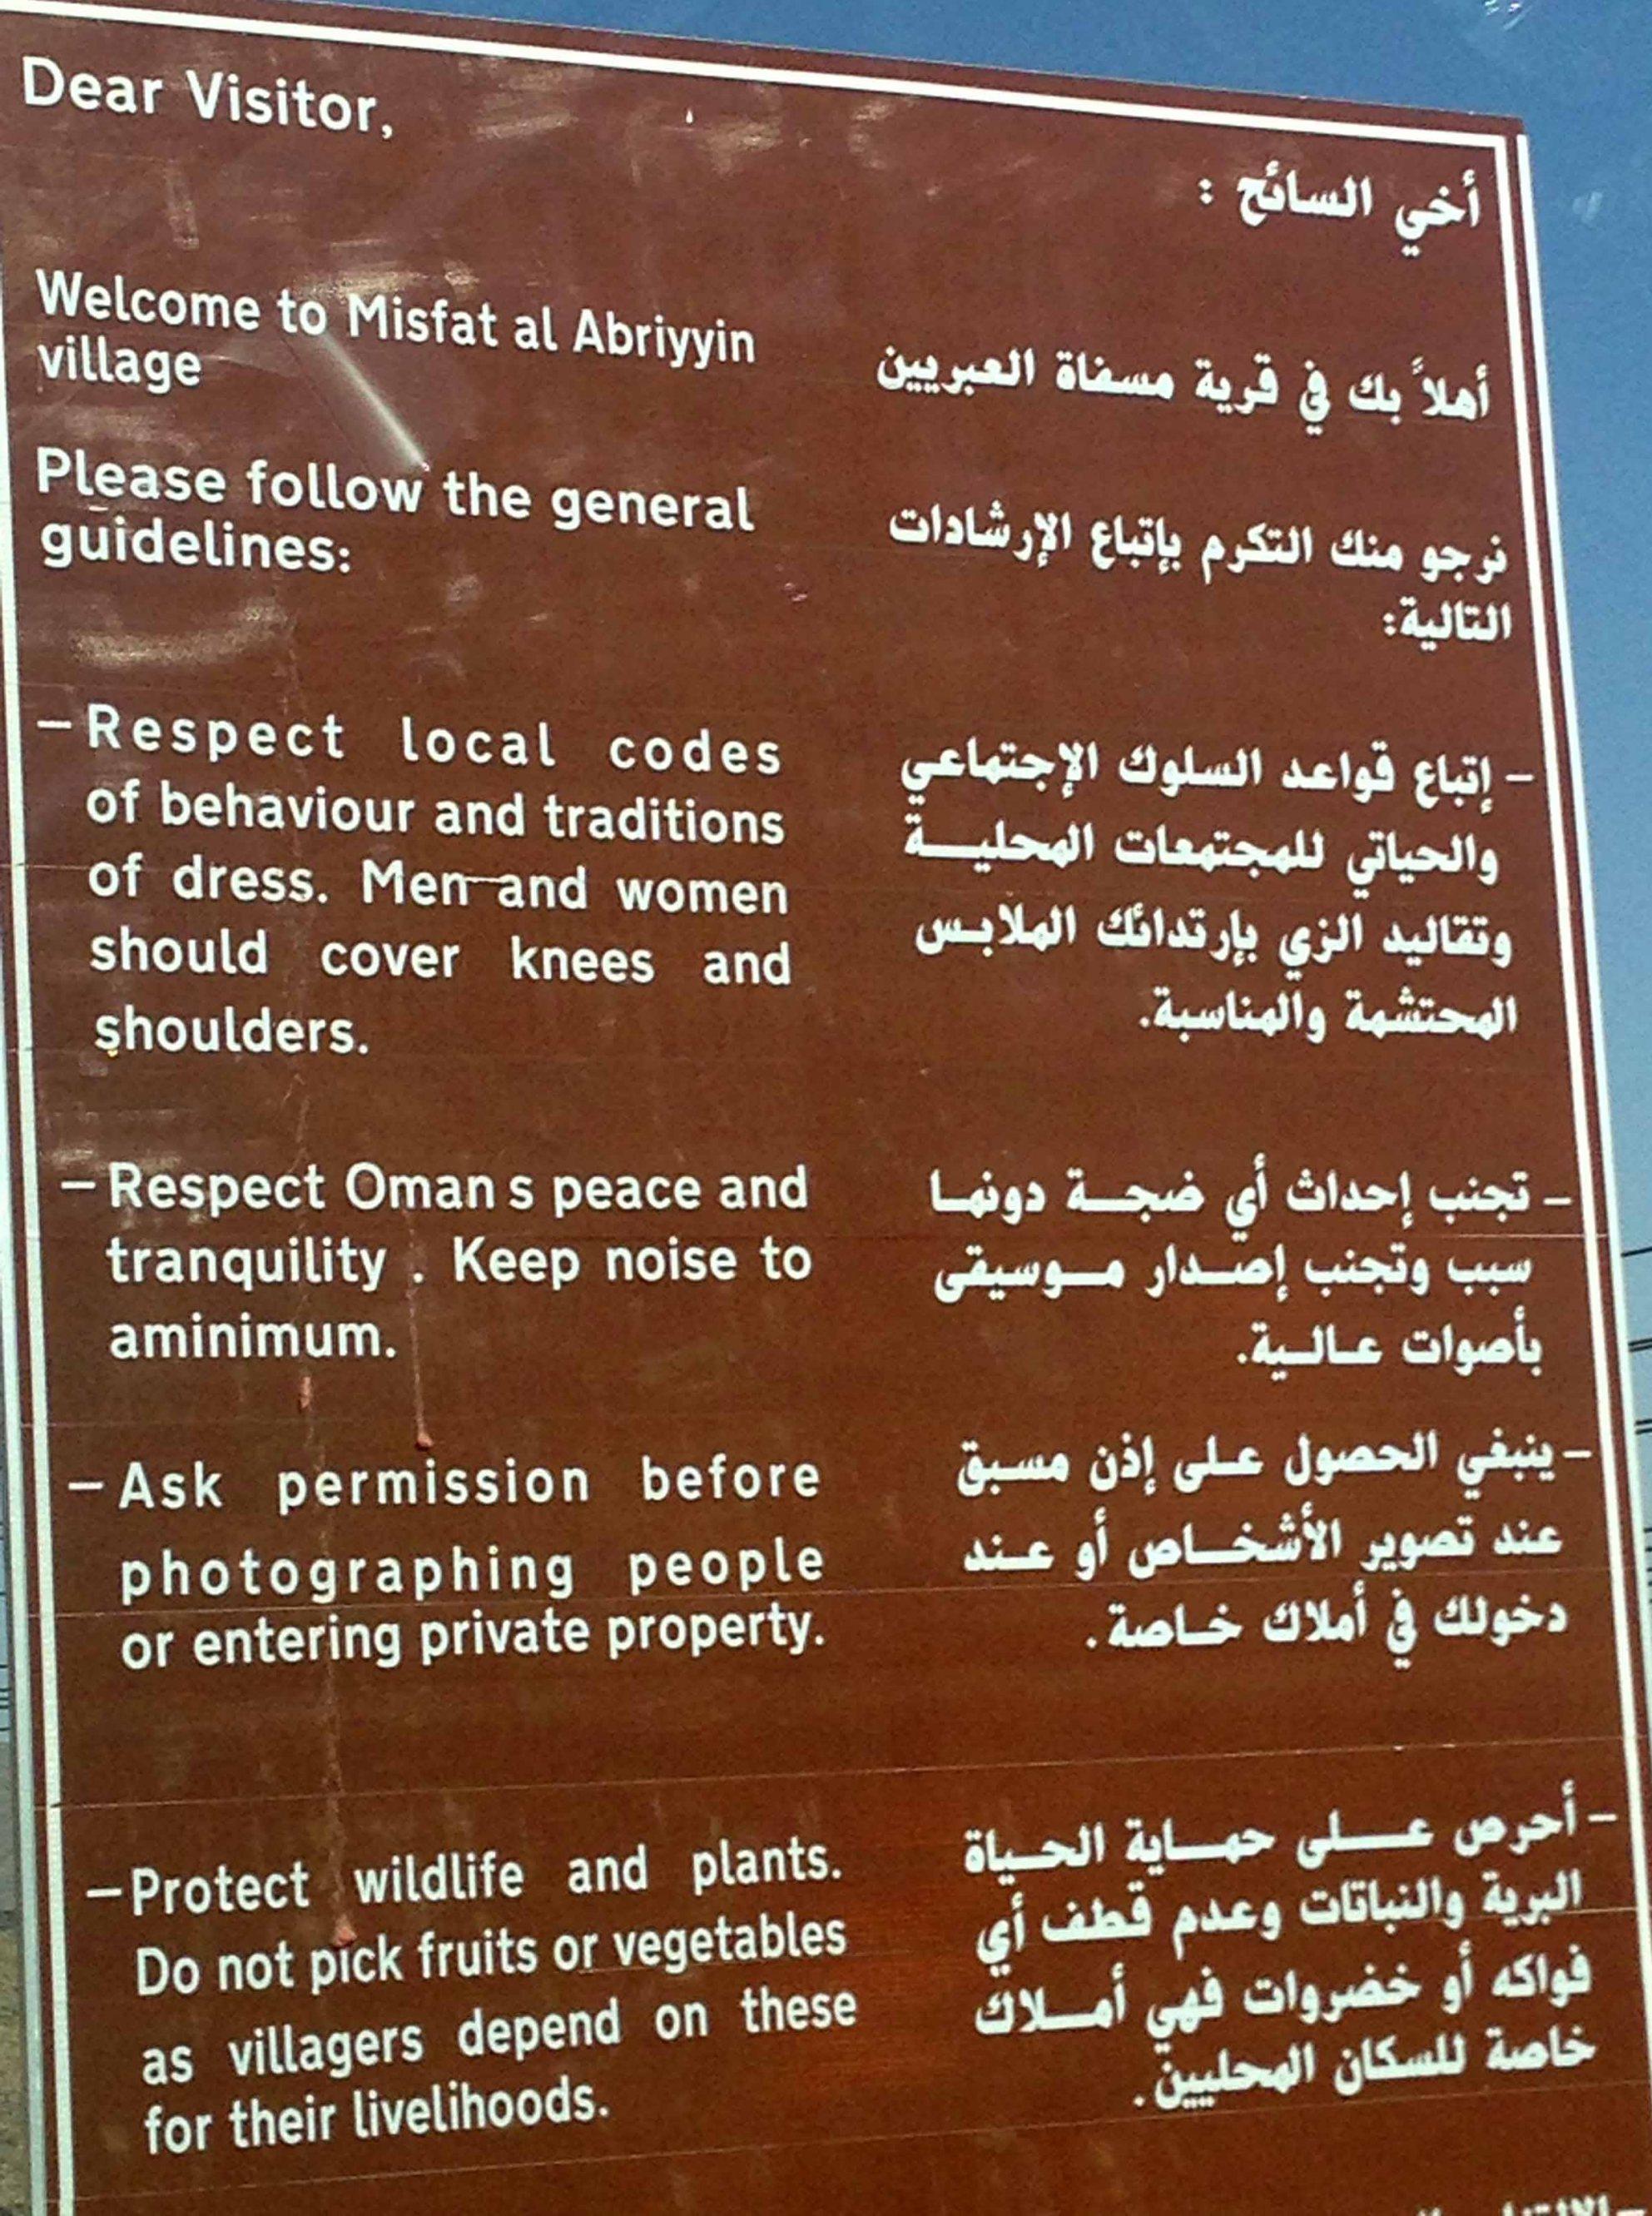 Misfat-Al-Abriyyin